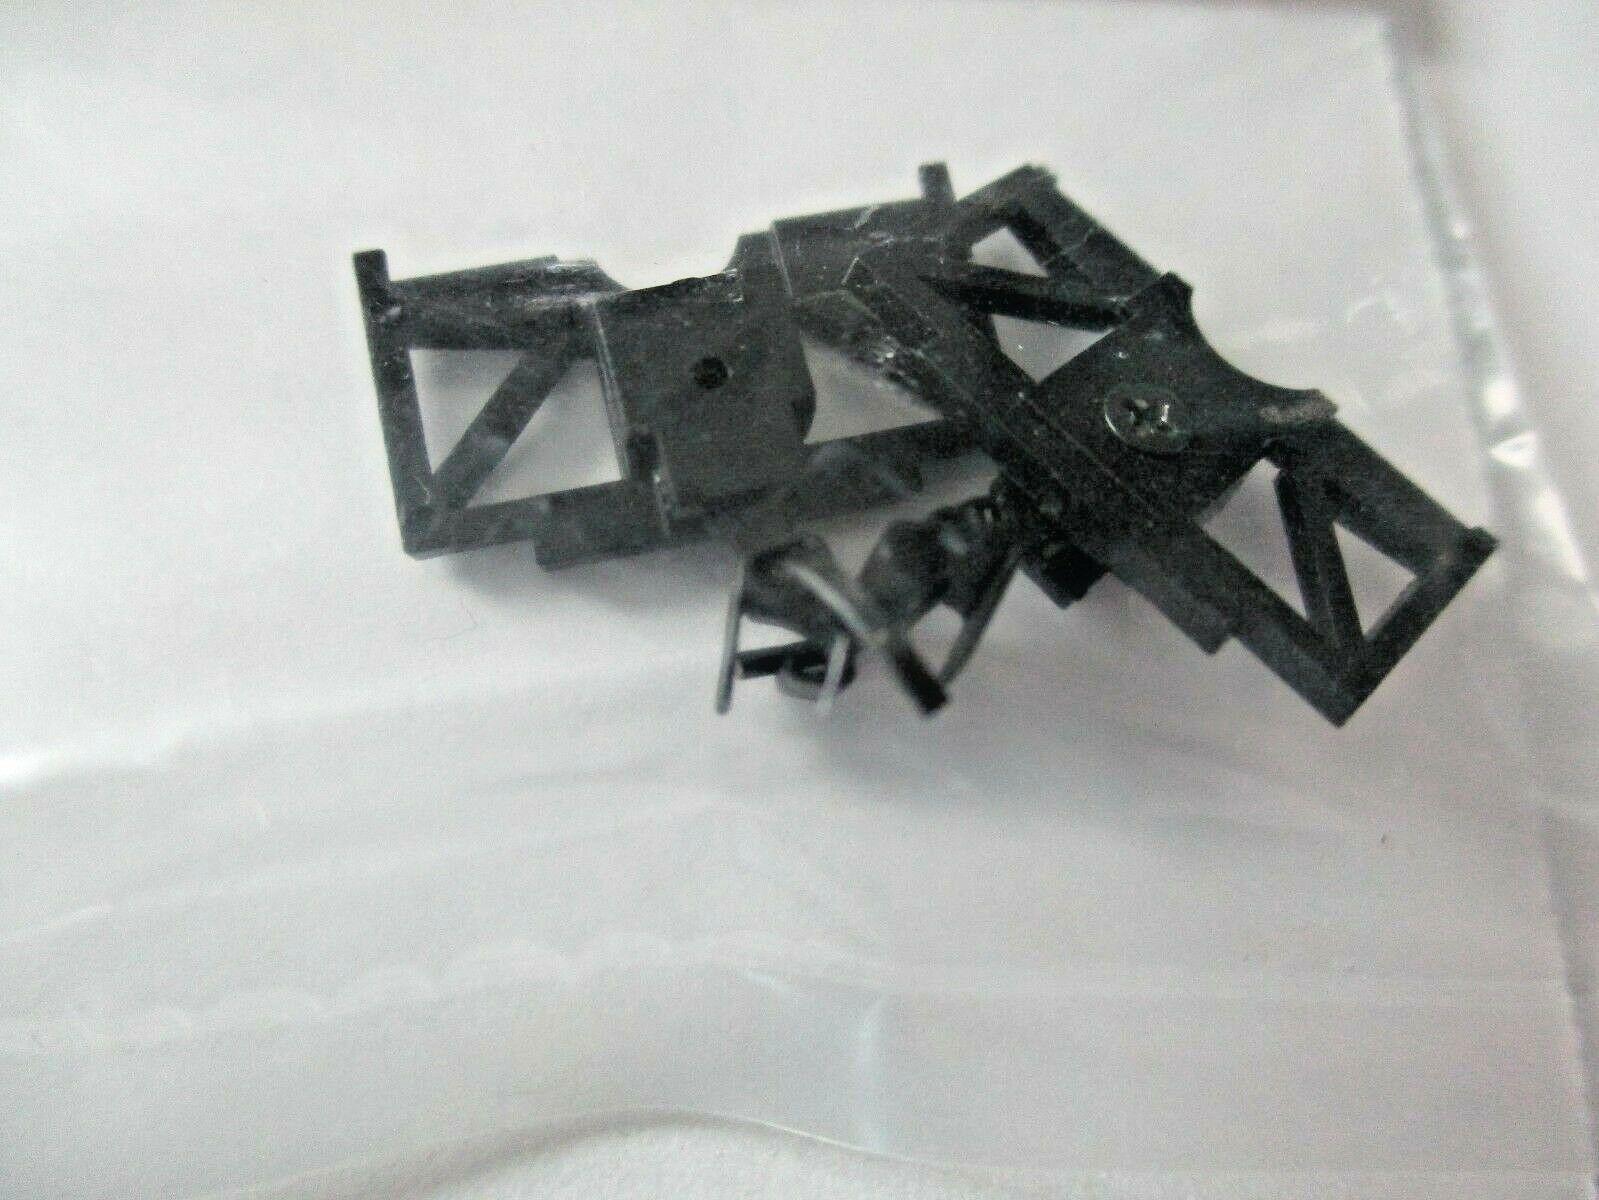 Trainworx Stock #622-Black Body Mount Magnetic Coupler See Description for Info